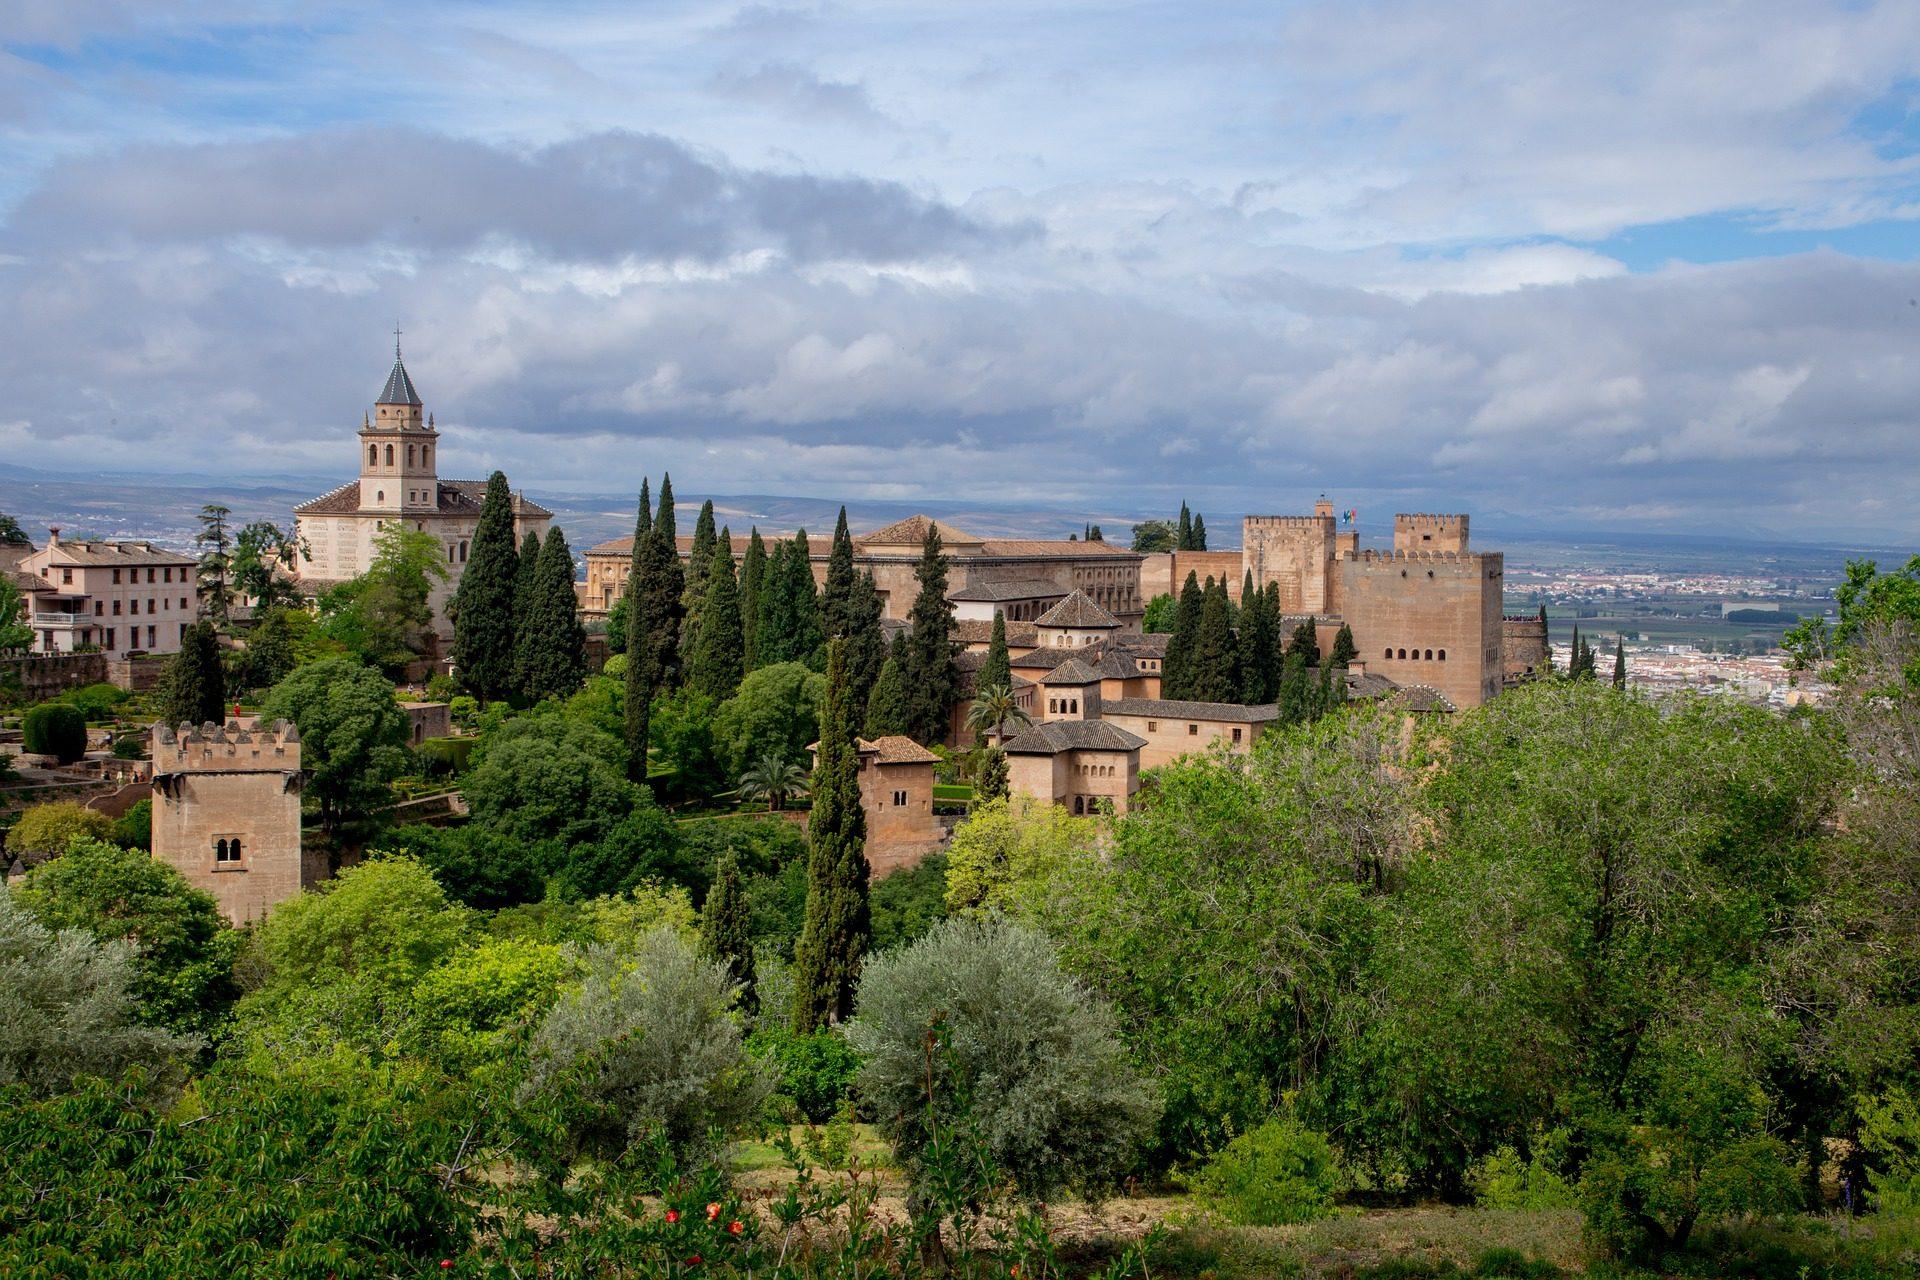 alhambra, पैलेस, वास्तुकला, अरबी, Nazari, ग्रेनेडा - HD वॉलपेपर - प्रोफेसर-falken.com